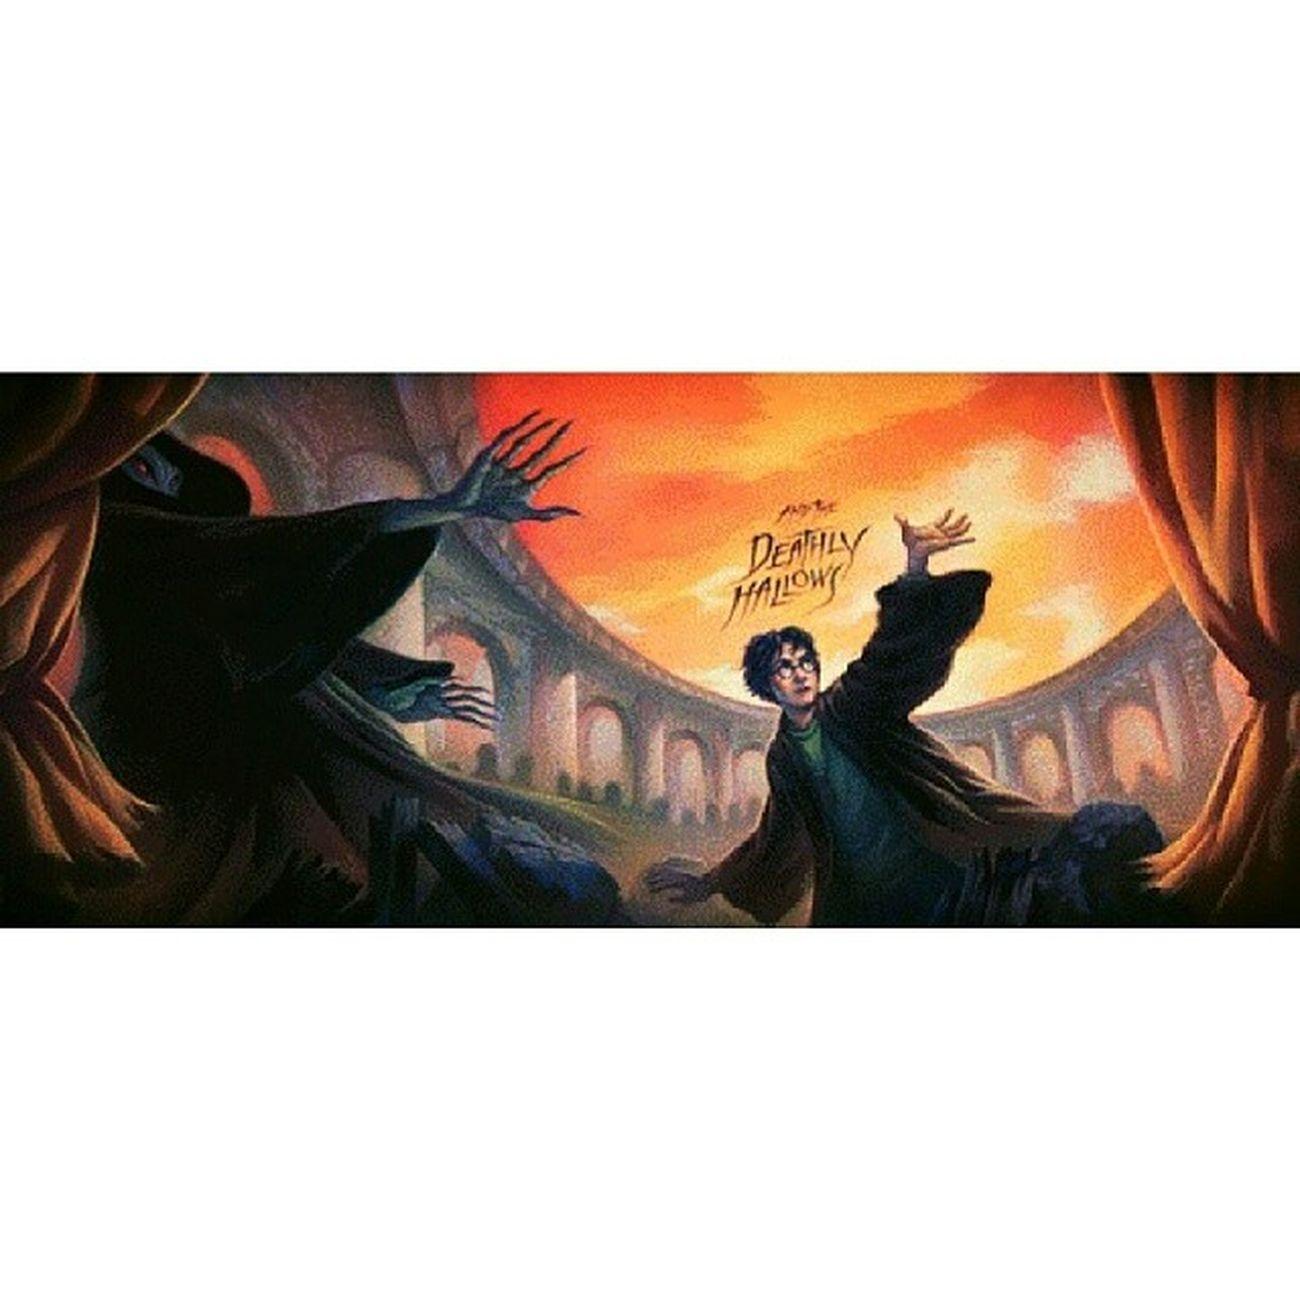 Encerrando a Sessão Relembrando Harrypotter Hp7 Ideiasparanovastattoo coisasqueeuamo ' Não tenha pena dos mortos, Harry. Tenha pena dos vivos, e acima de tudo, daqueles que vivem sem amor. Alvo Dumbledore'